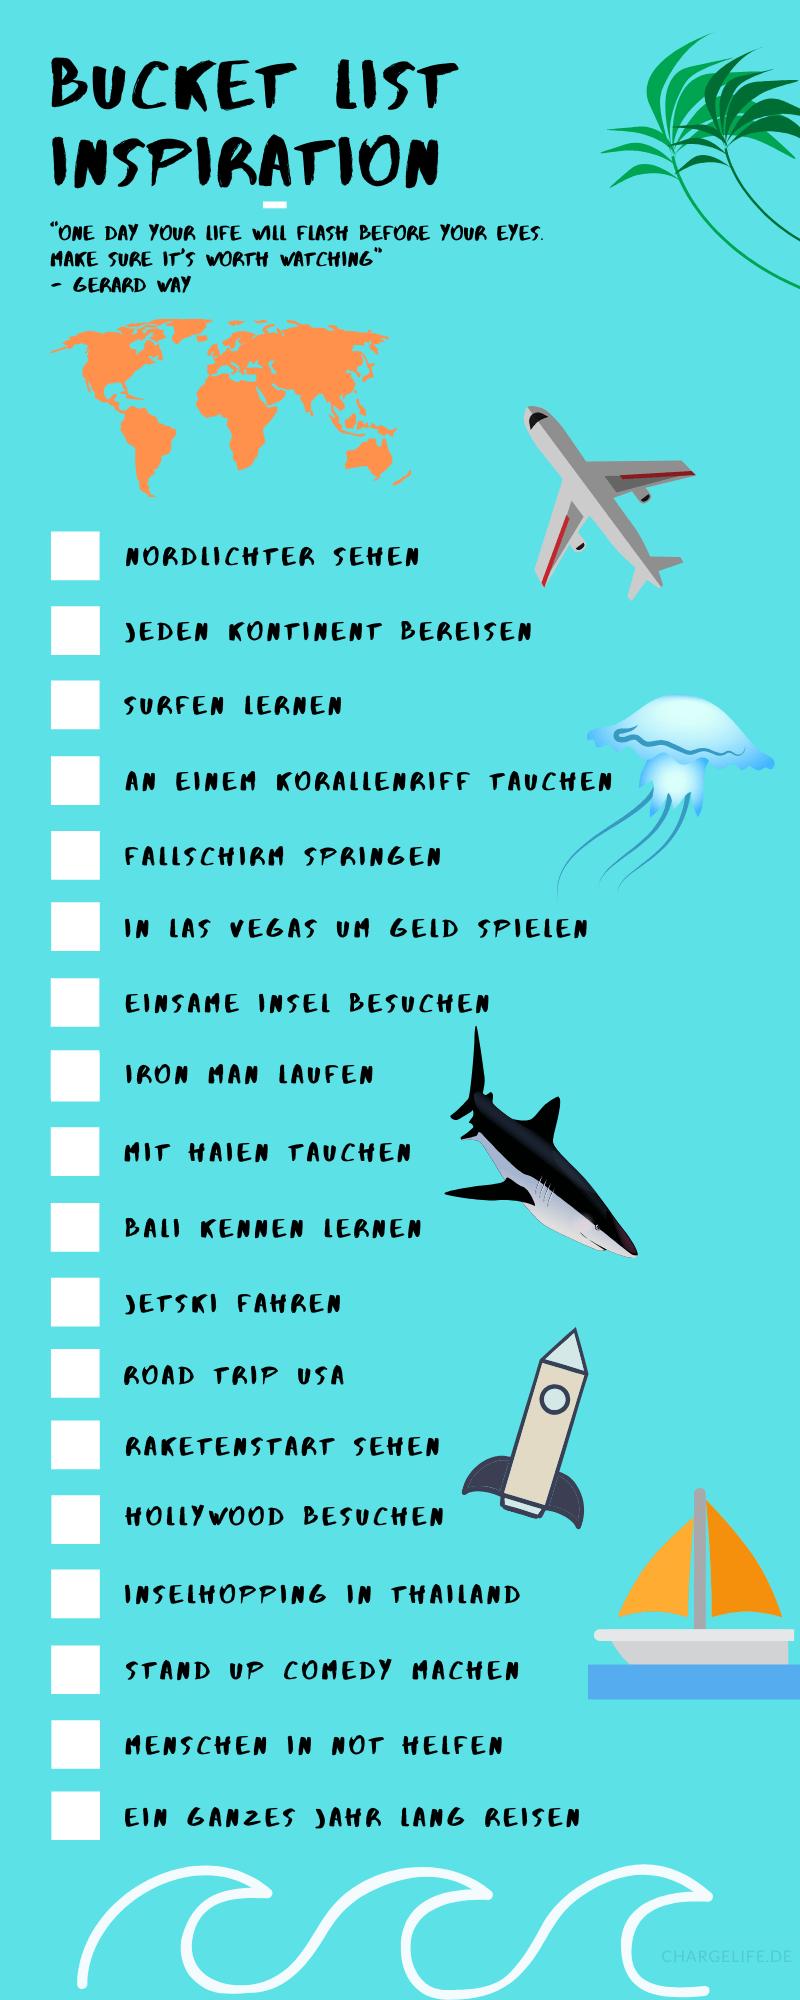 Bucket List Beispiel als Infografik Blau